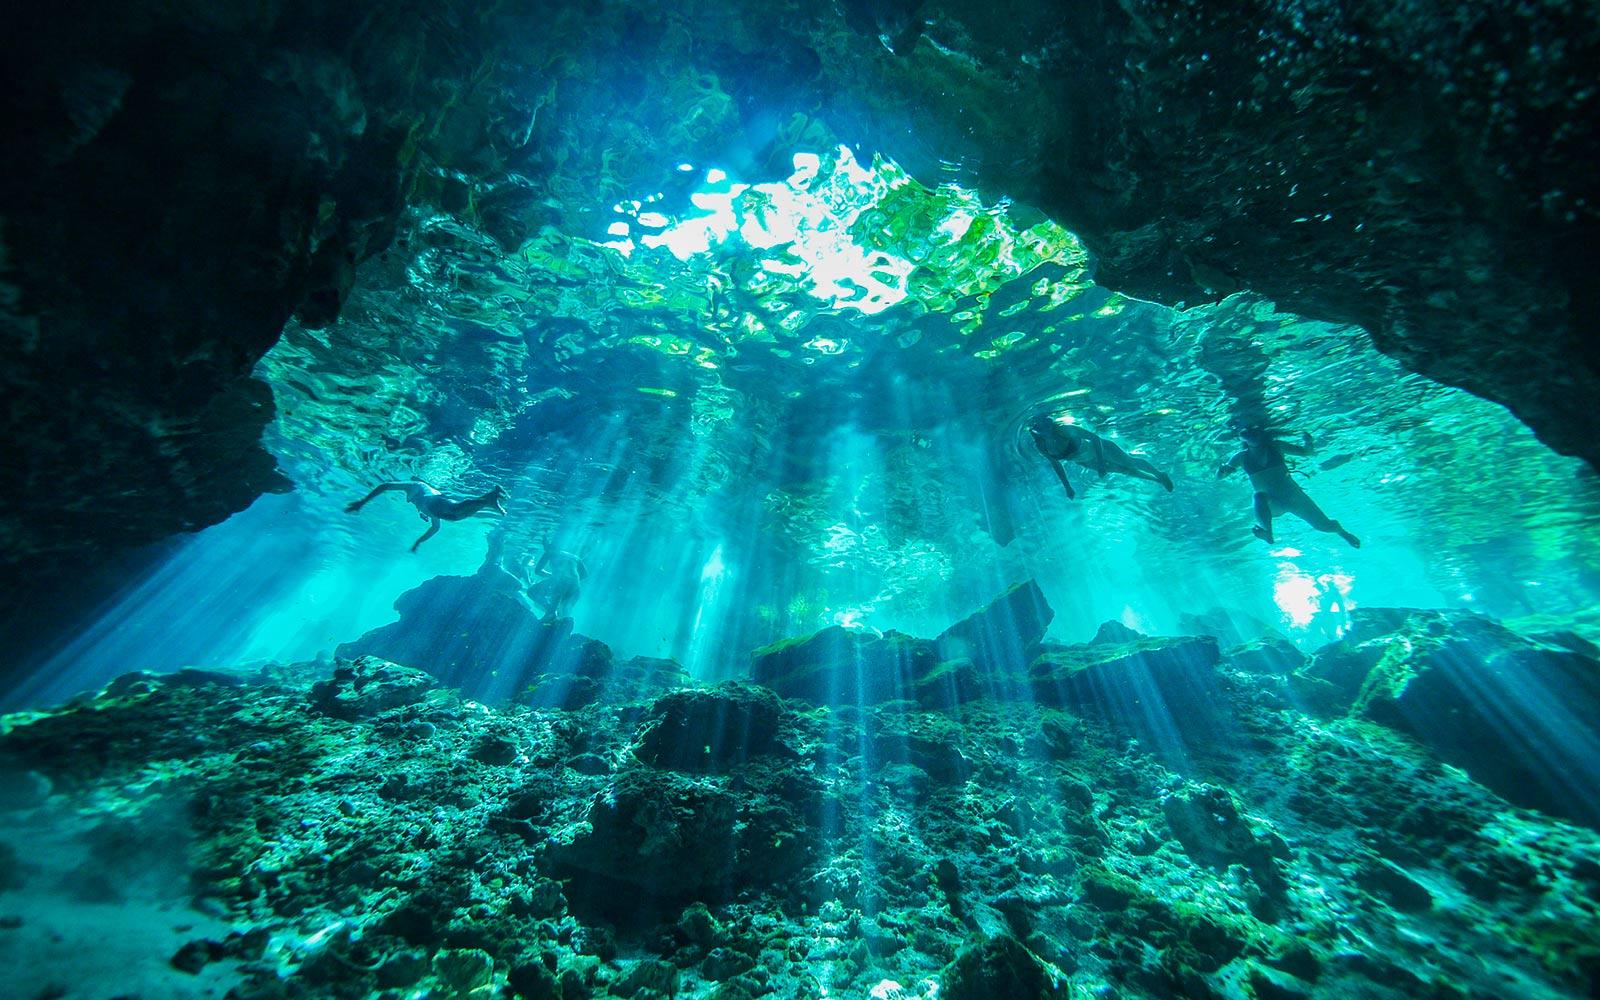 Подводная сцена, освещенная лучами света, падающими в воду (воспроизвести видео).